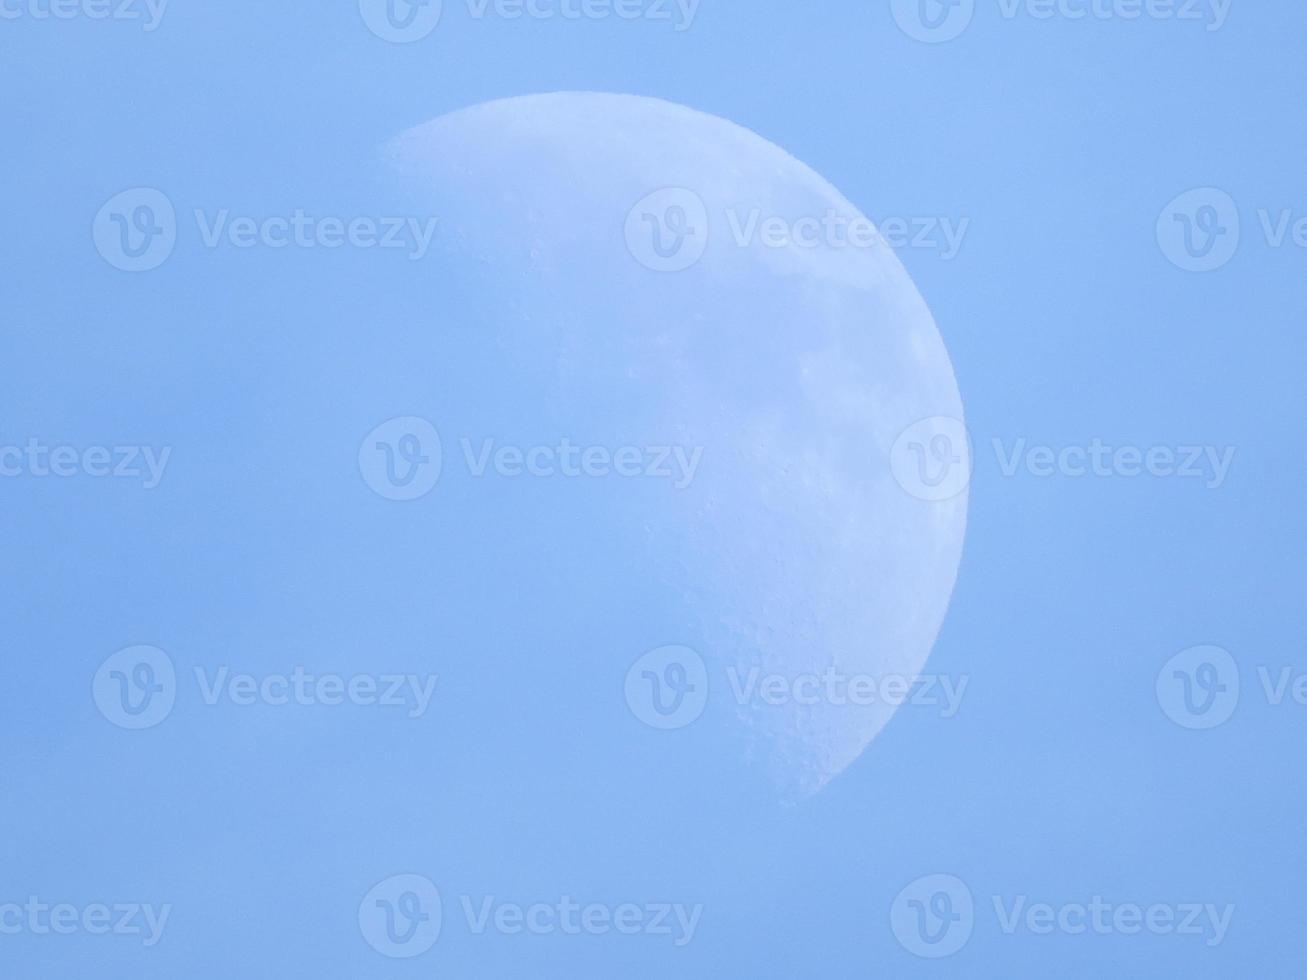 halvmåne i blå himmel under dagen foto